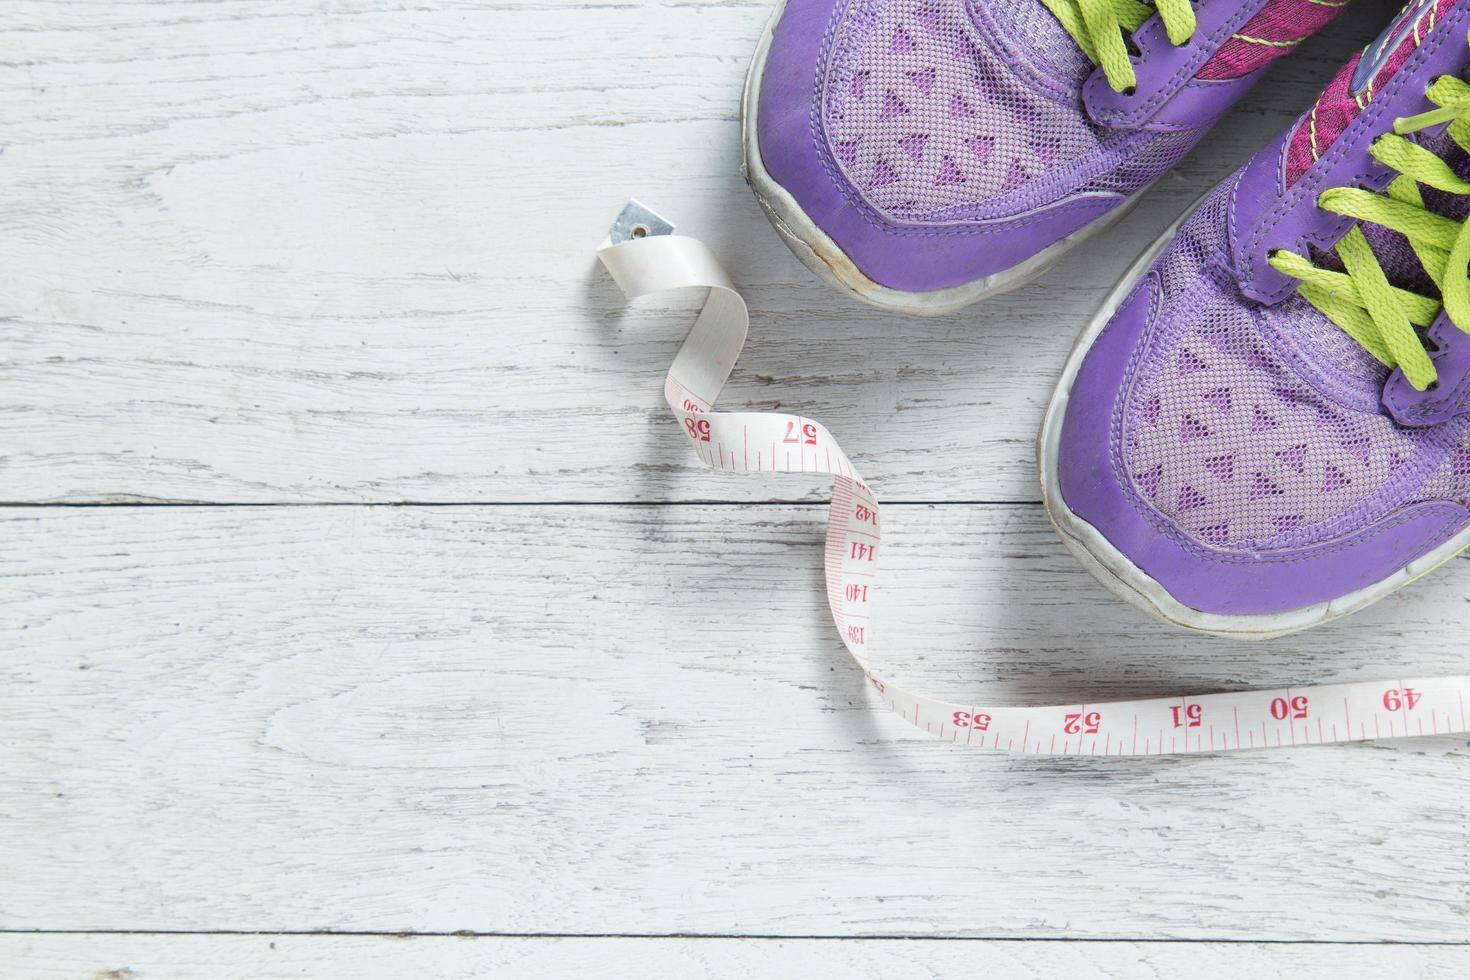 estilo de vida saludable en posición plana con calzado deportivo foto